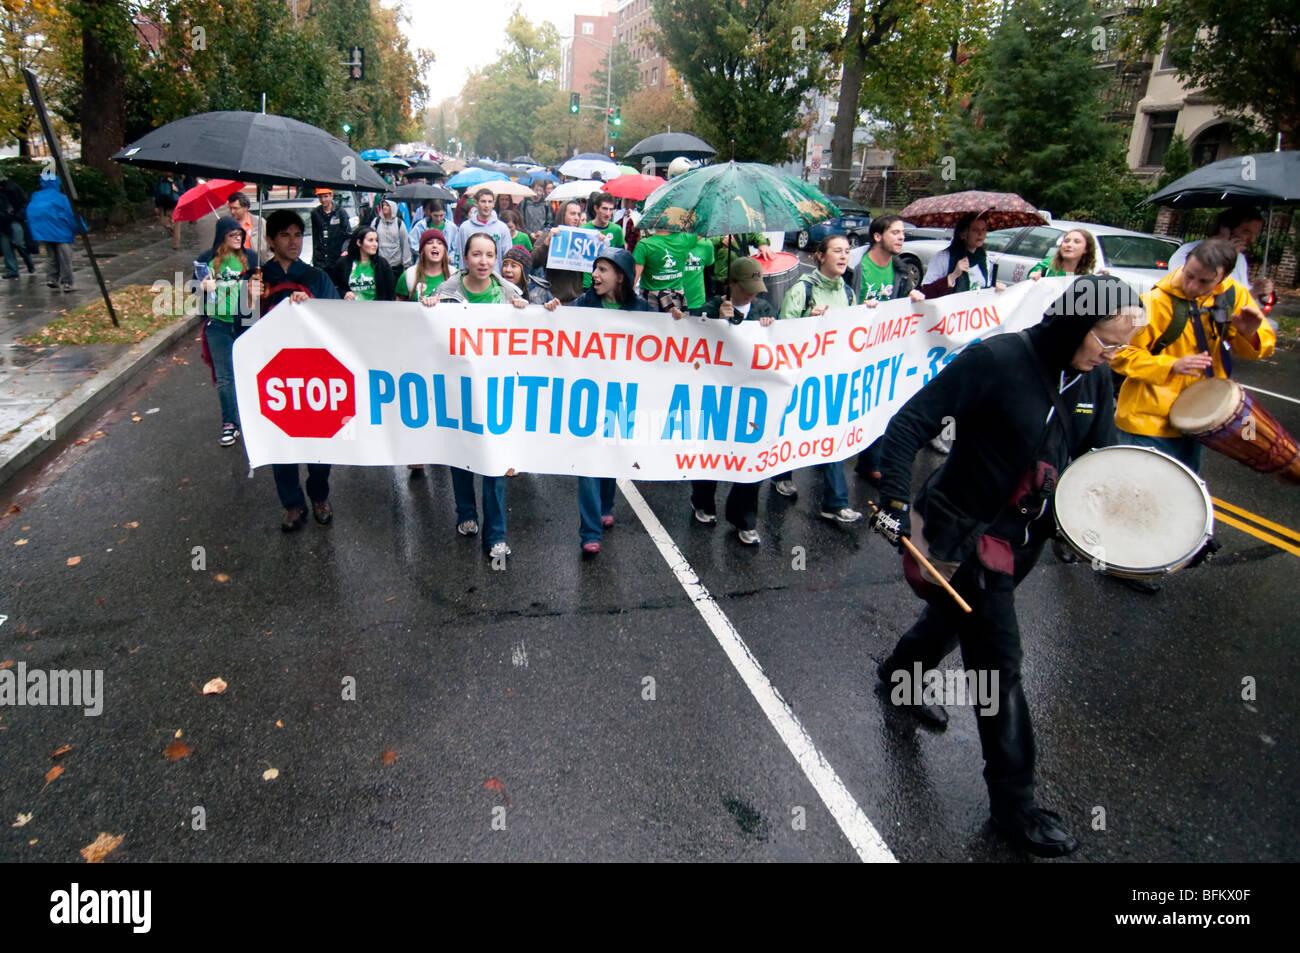 Les activistes environnementaux, appel à l'action sur le changement climatique lors de la Journée Photo Stock